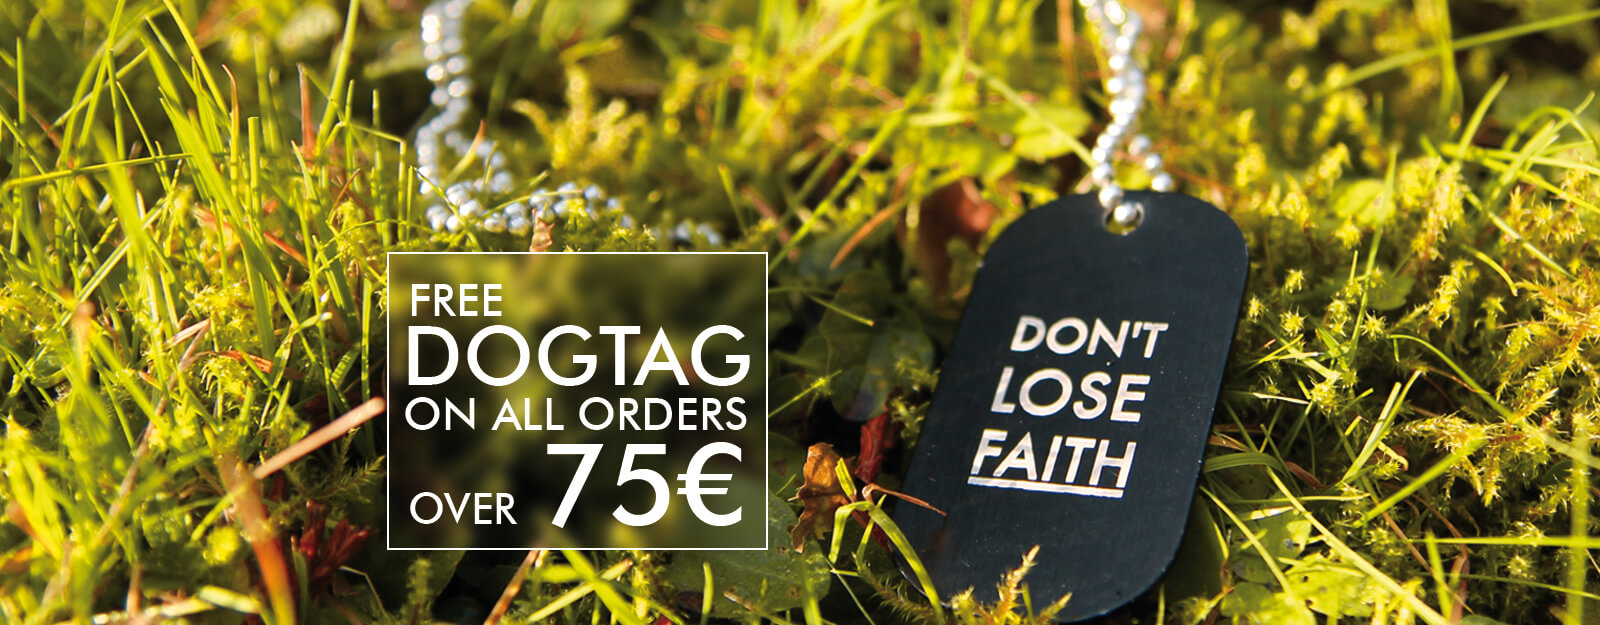 FREE DOGTAG MIND OVER MATTER. - Banner